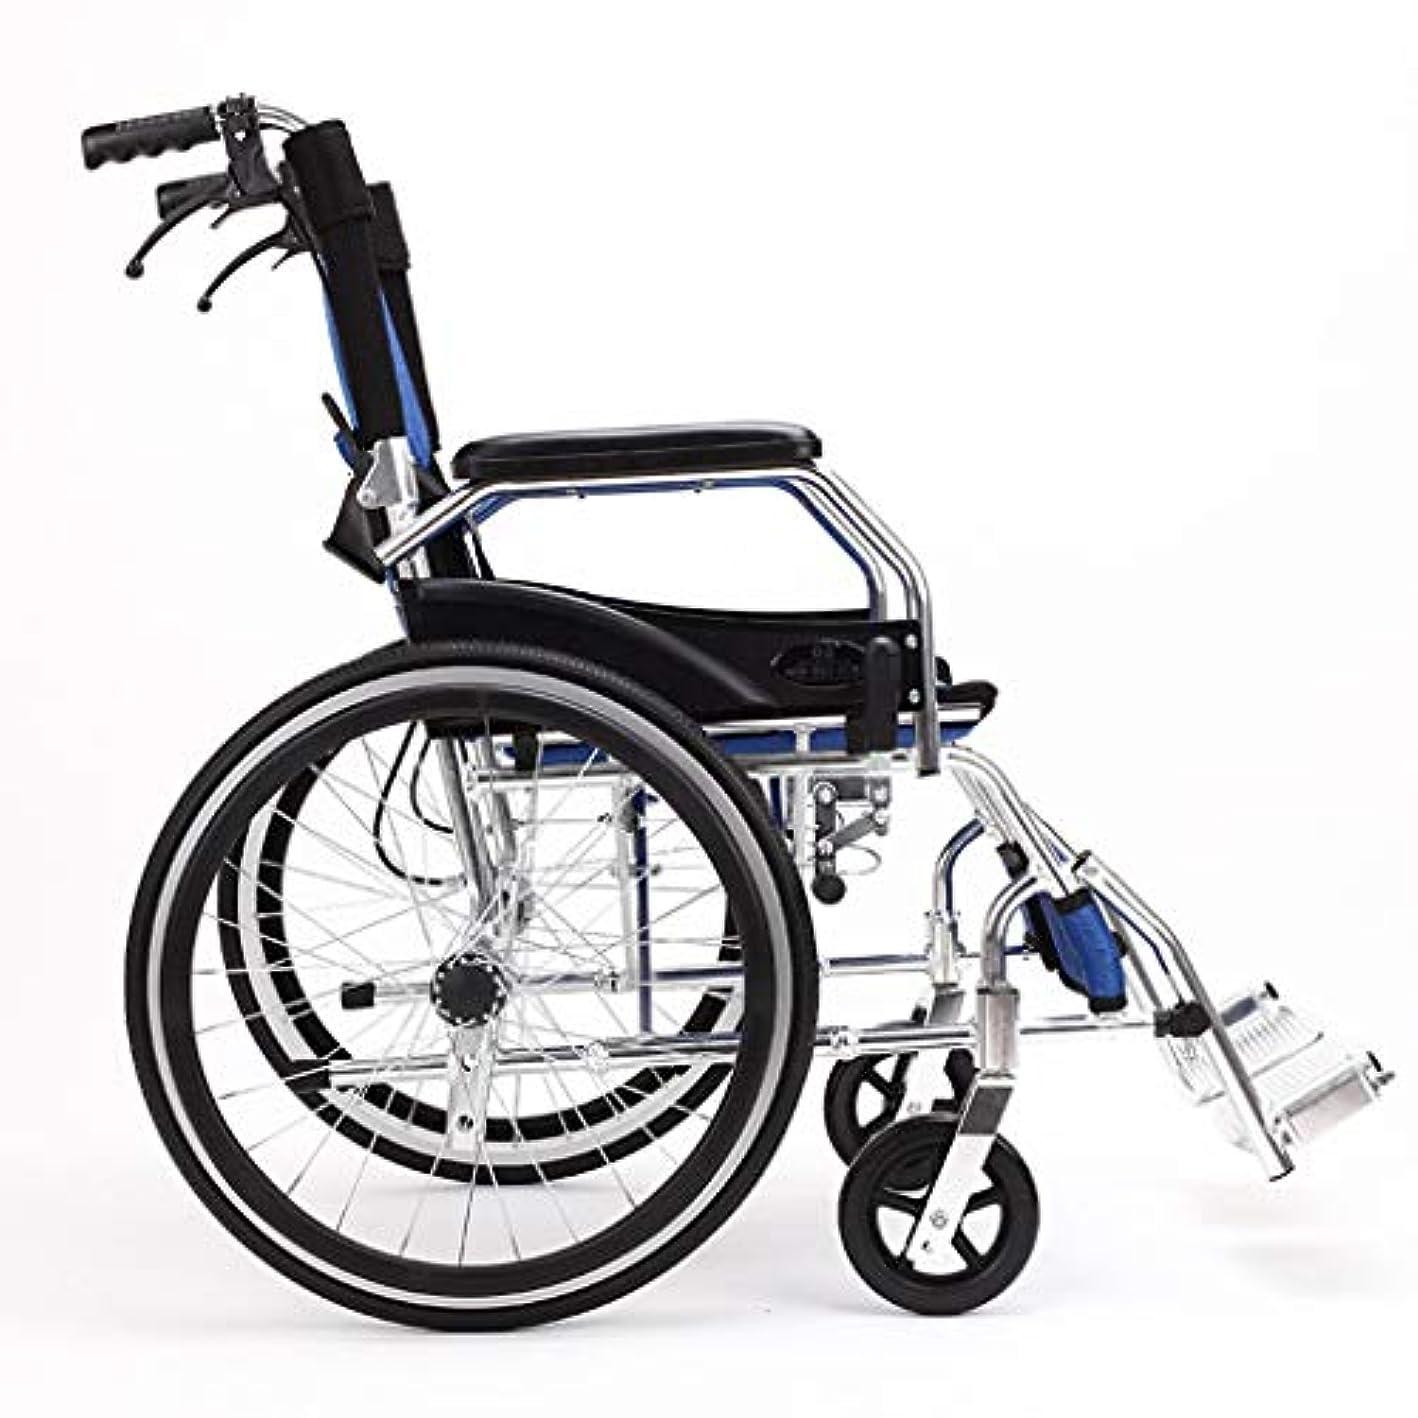 市町村時代調べる折りたたみ式車椅子超軽量ポータブル、20インチPUタイヤ、高齢者障害者手押し車椅子